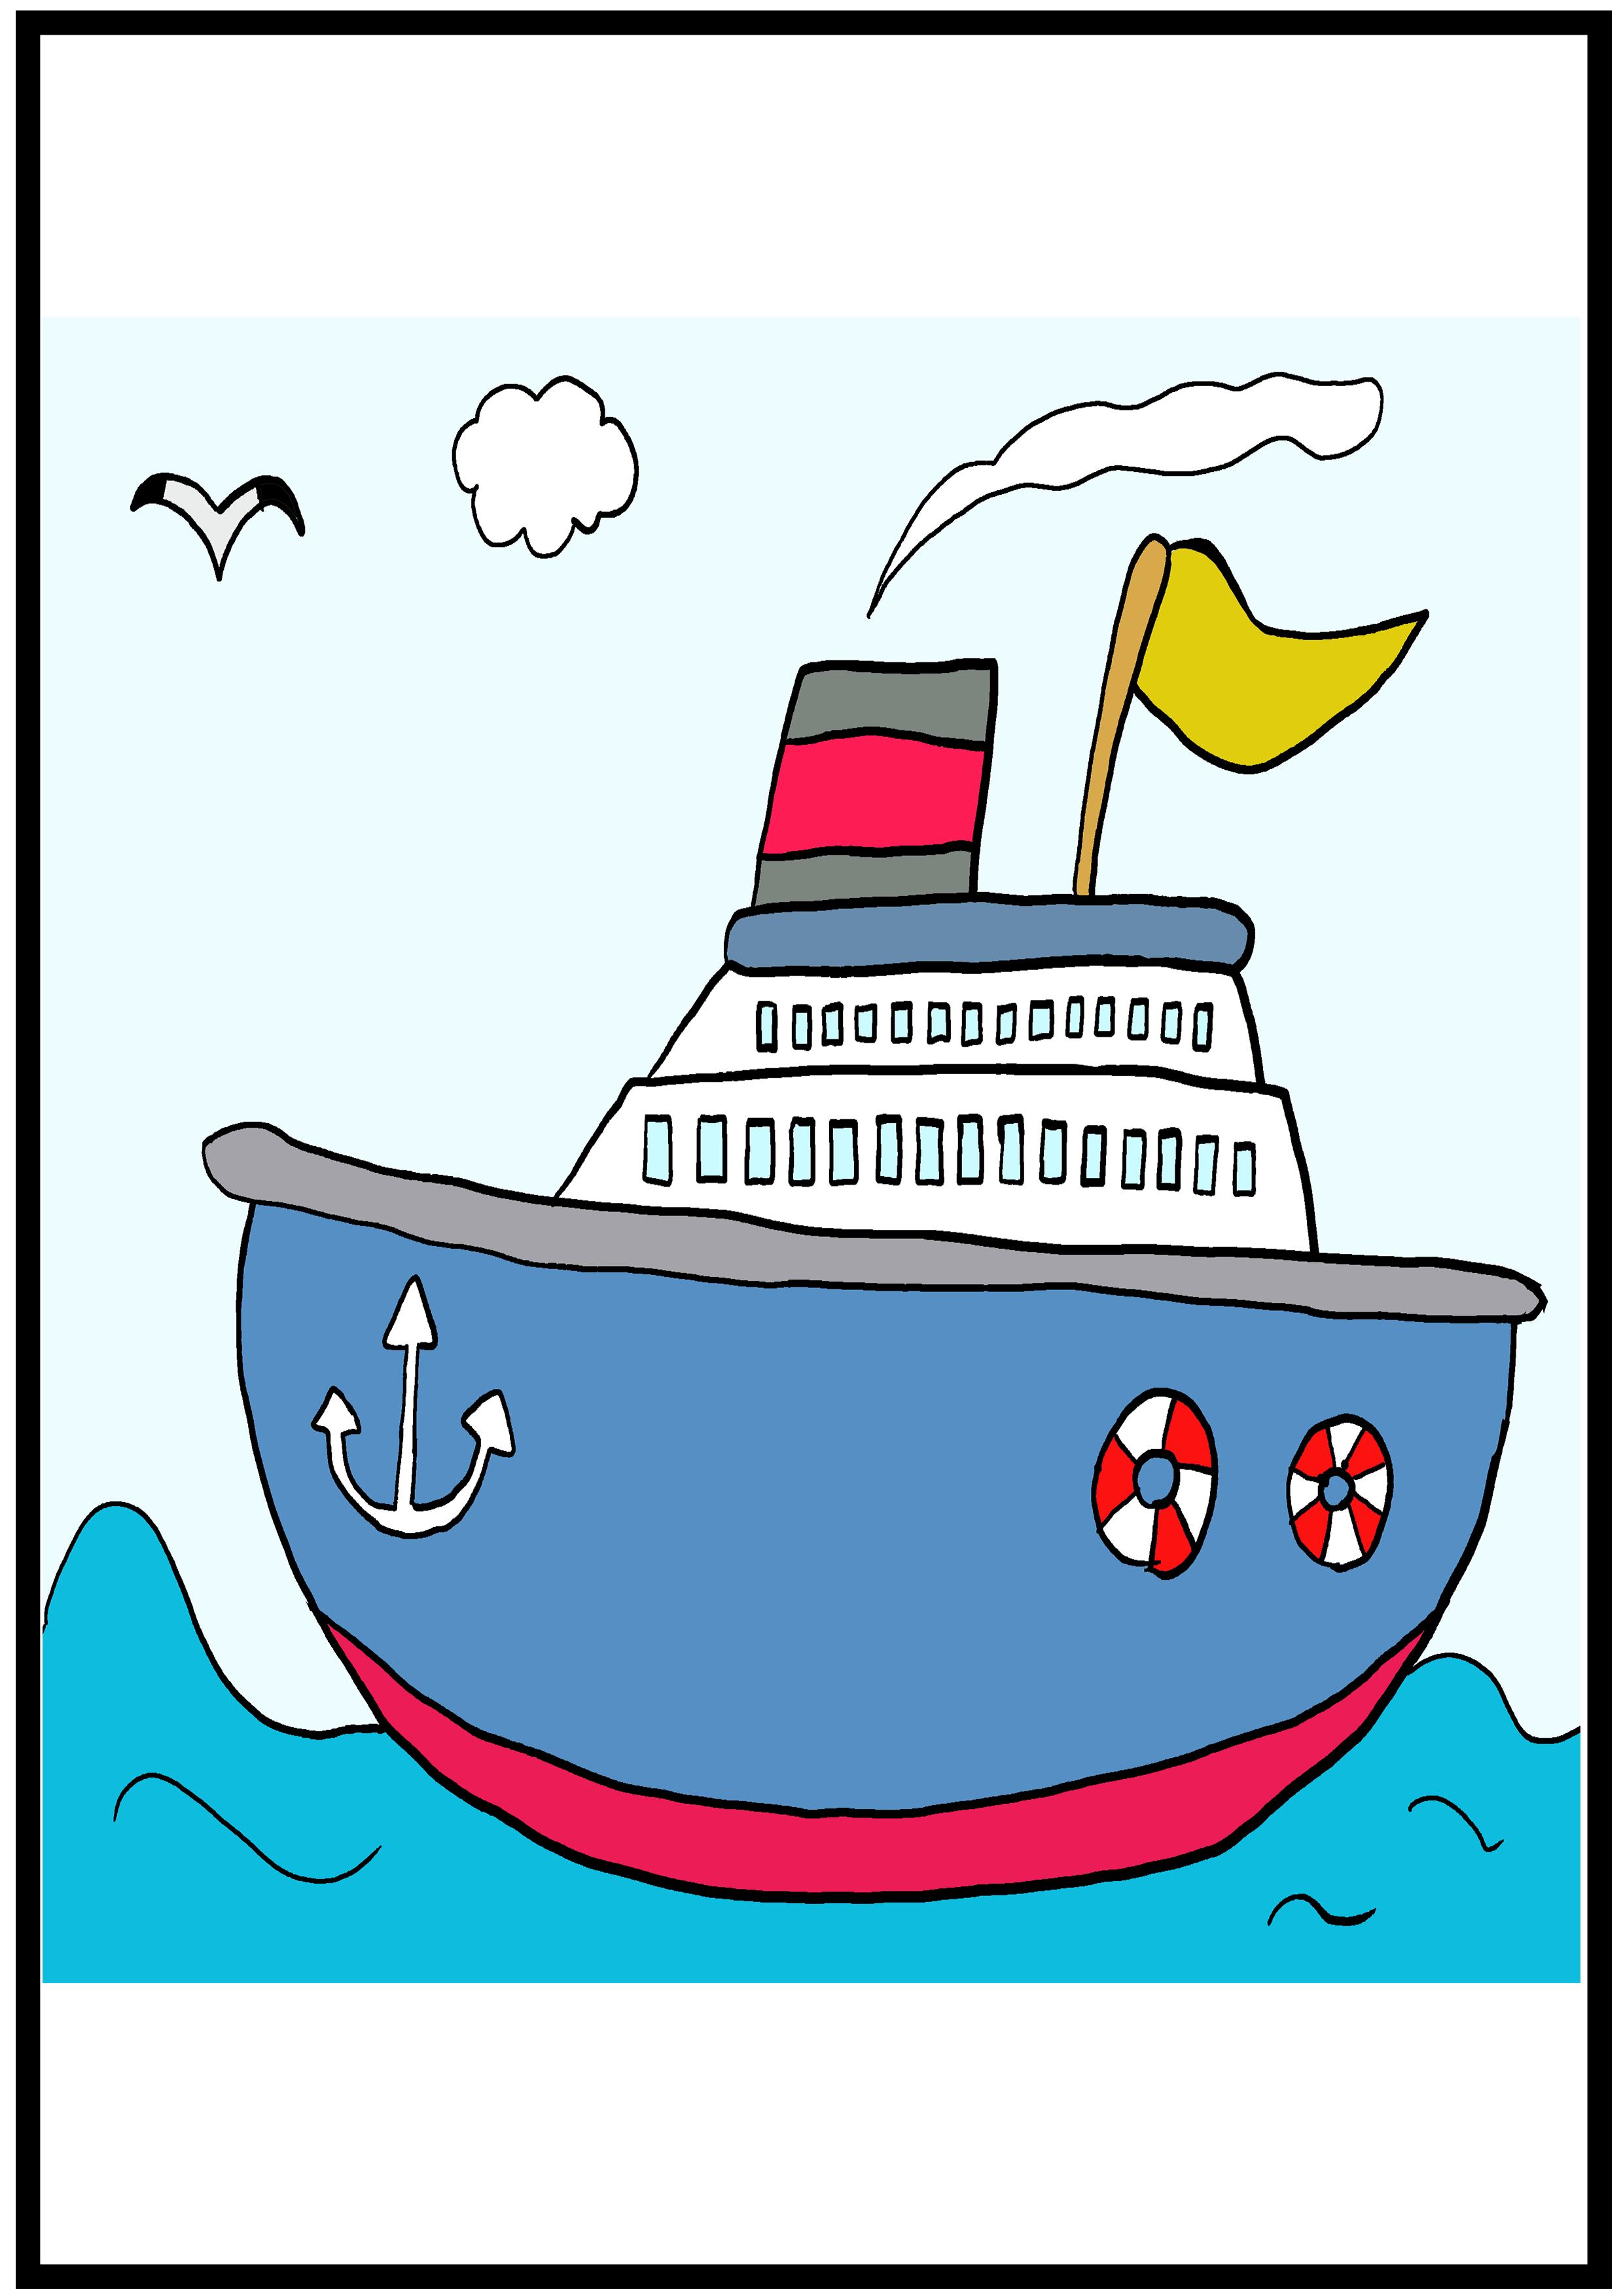 イラスト【船】